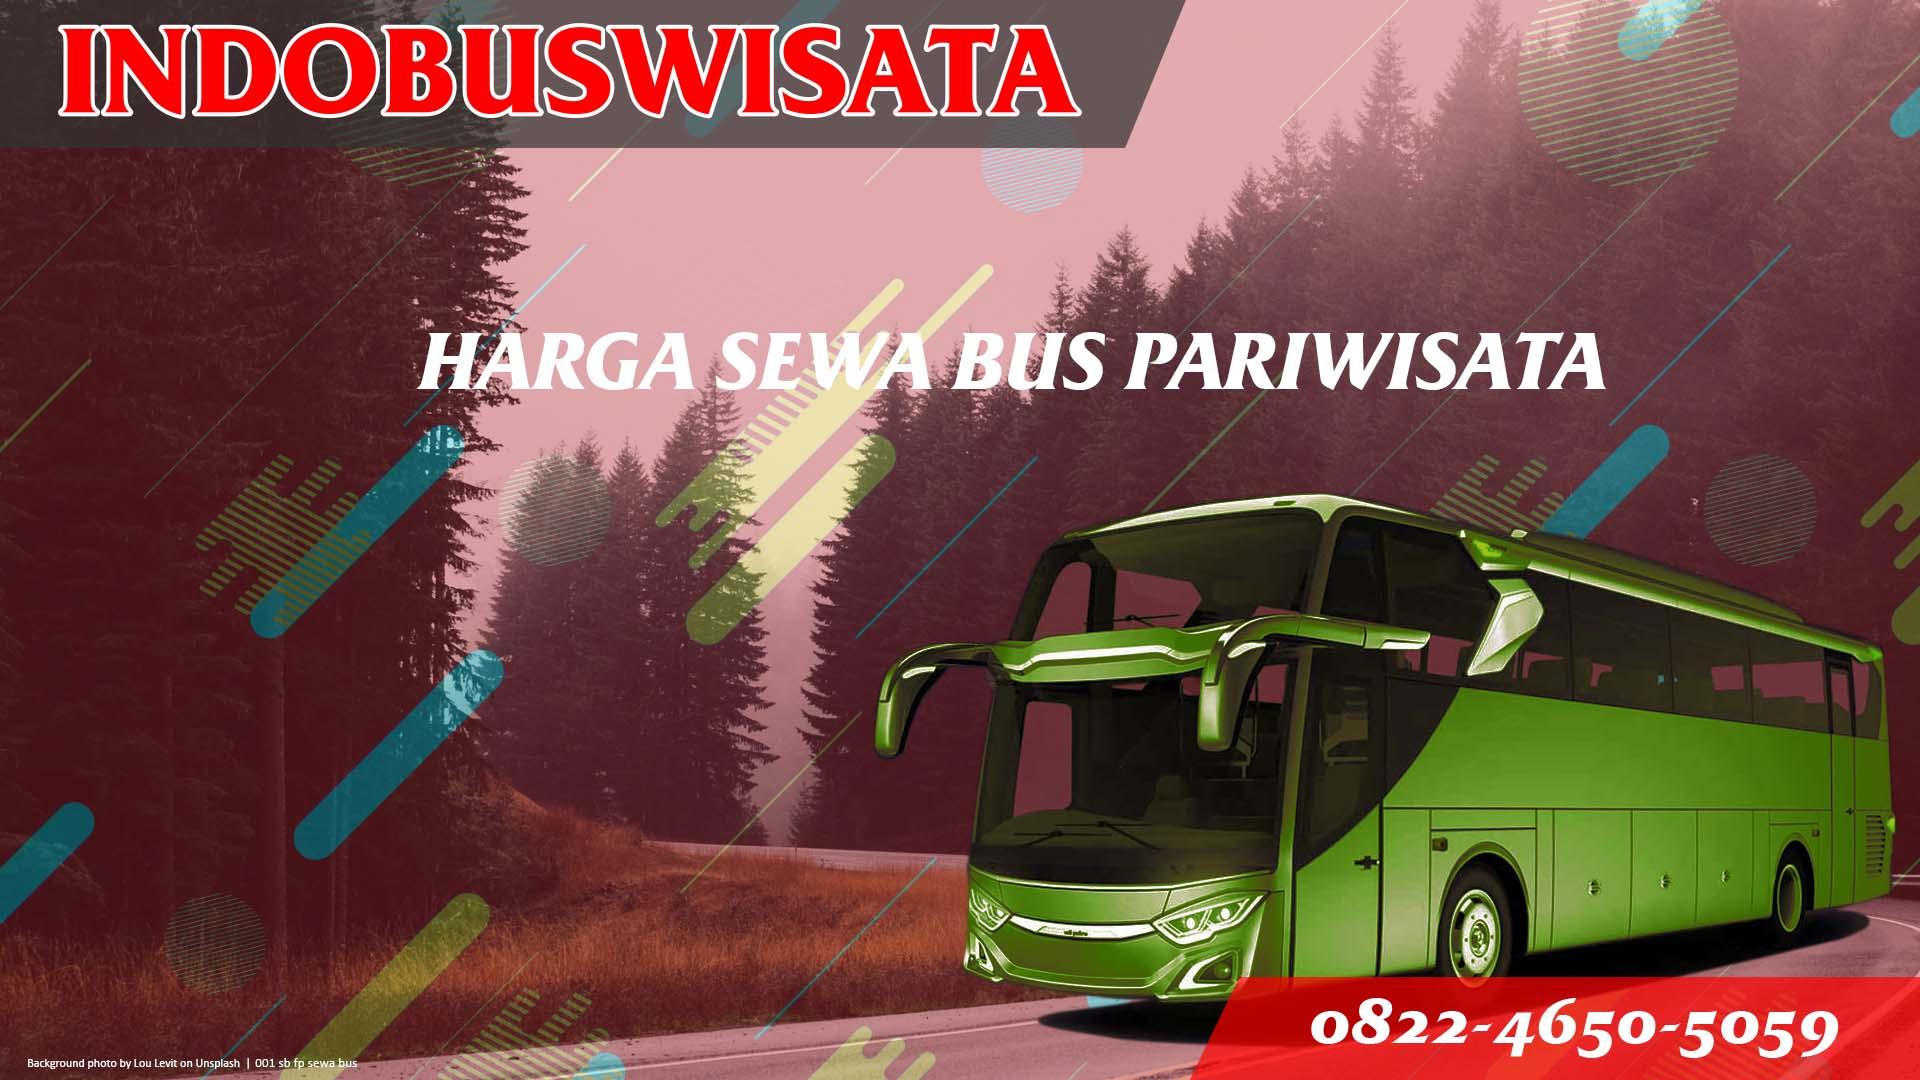 Harga Sewa Bus Pariwisata Jb 3 Hdd Indobuswisata